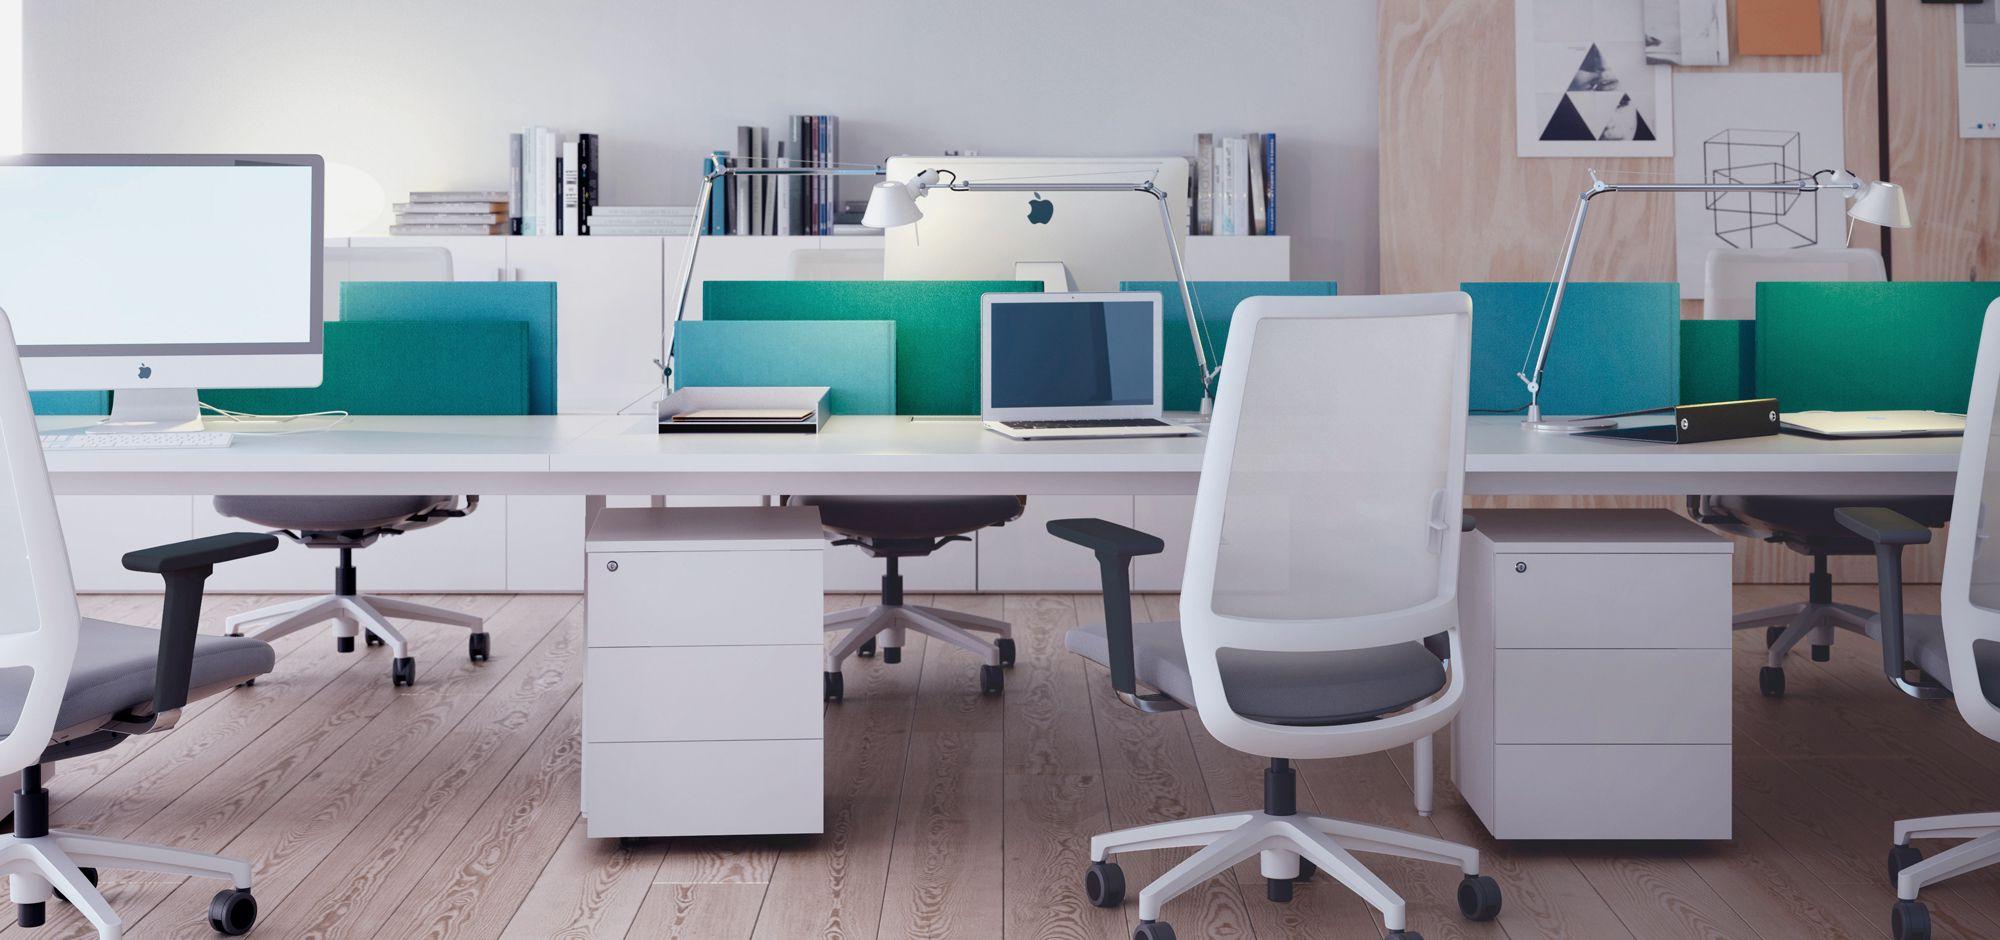 Mobiliario Oficina Bqdd Mobiliario Oficina Calella